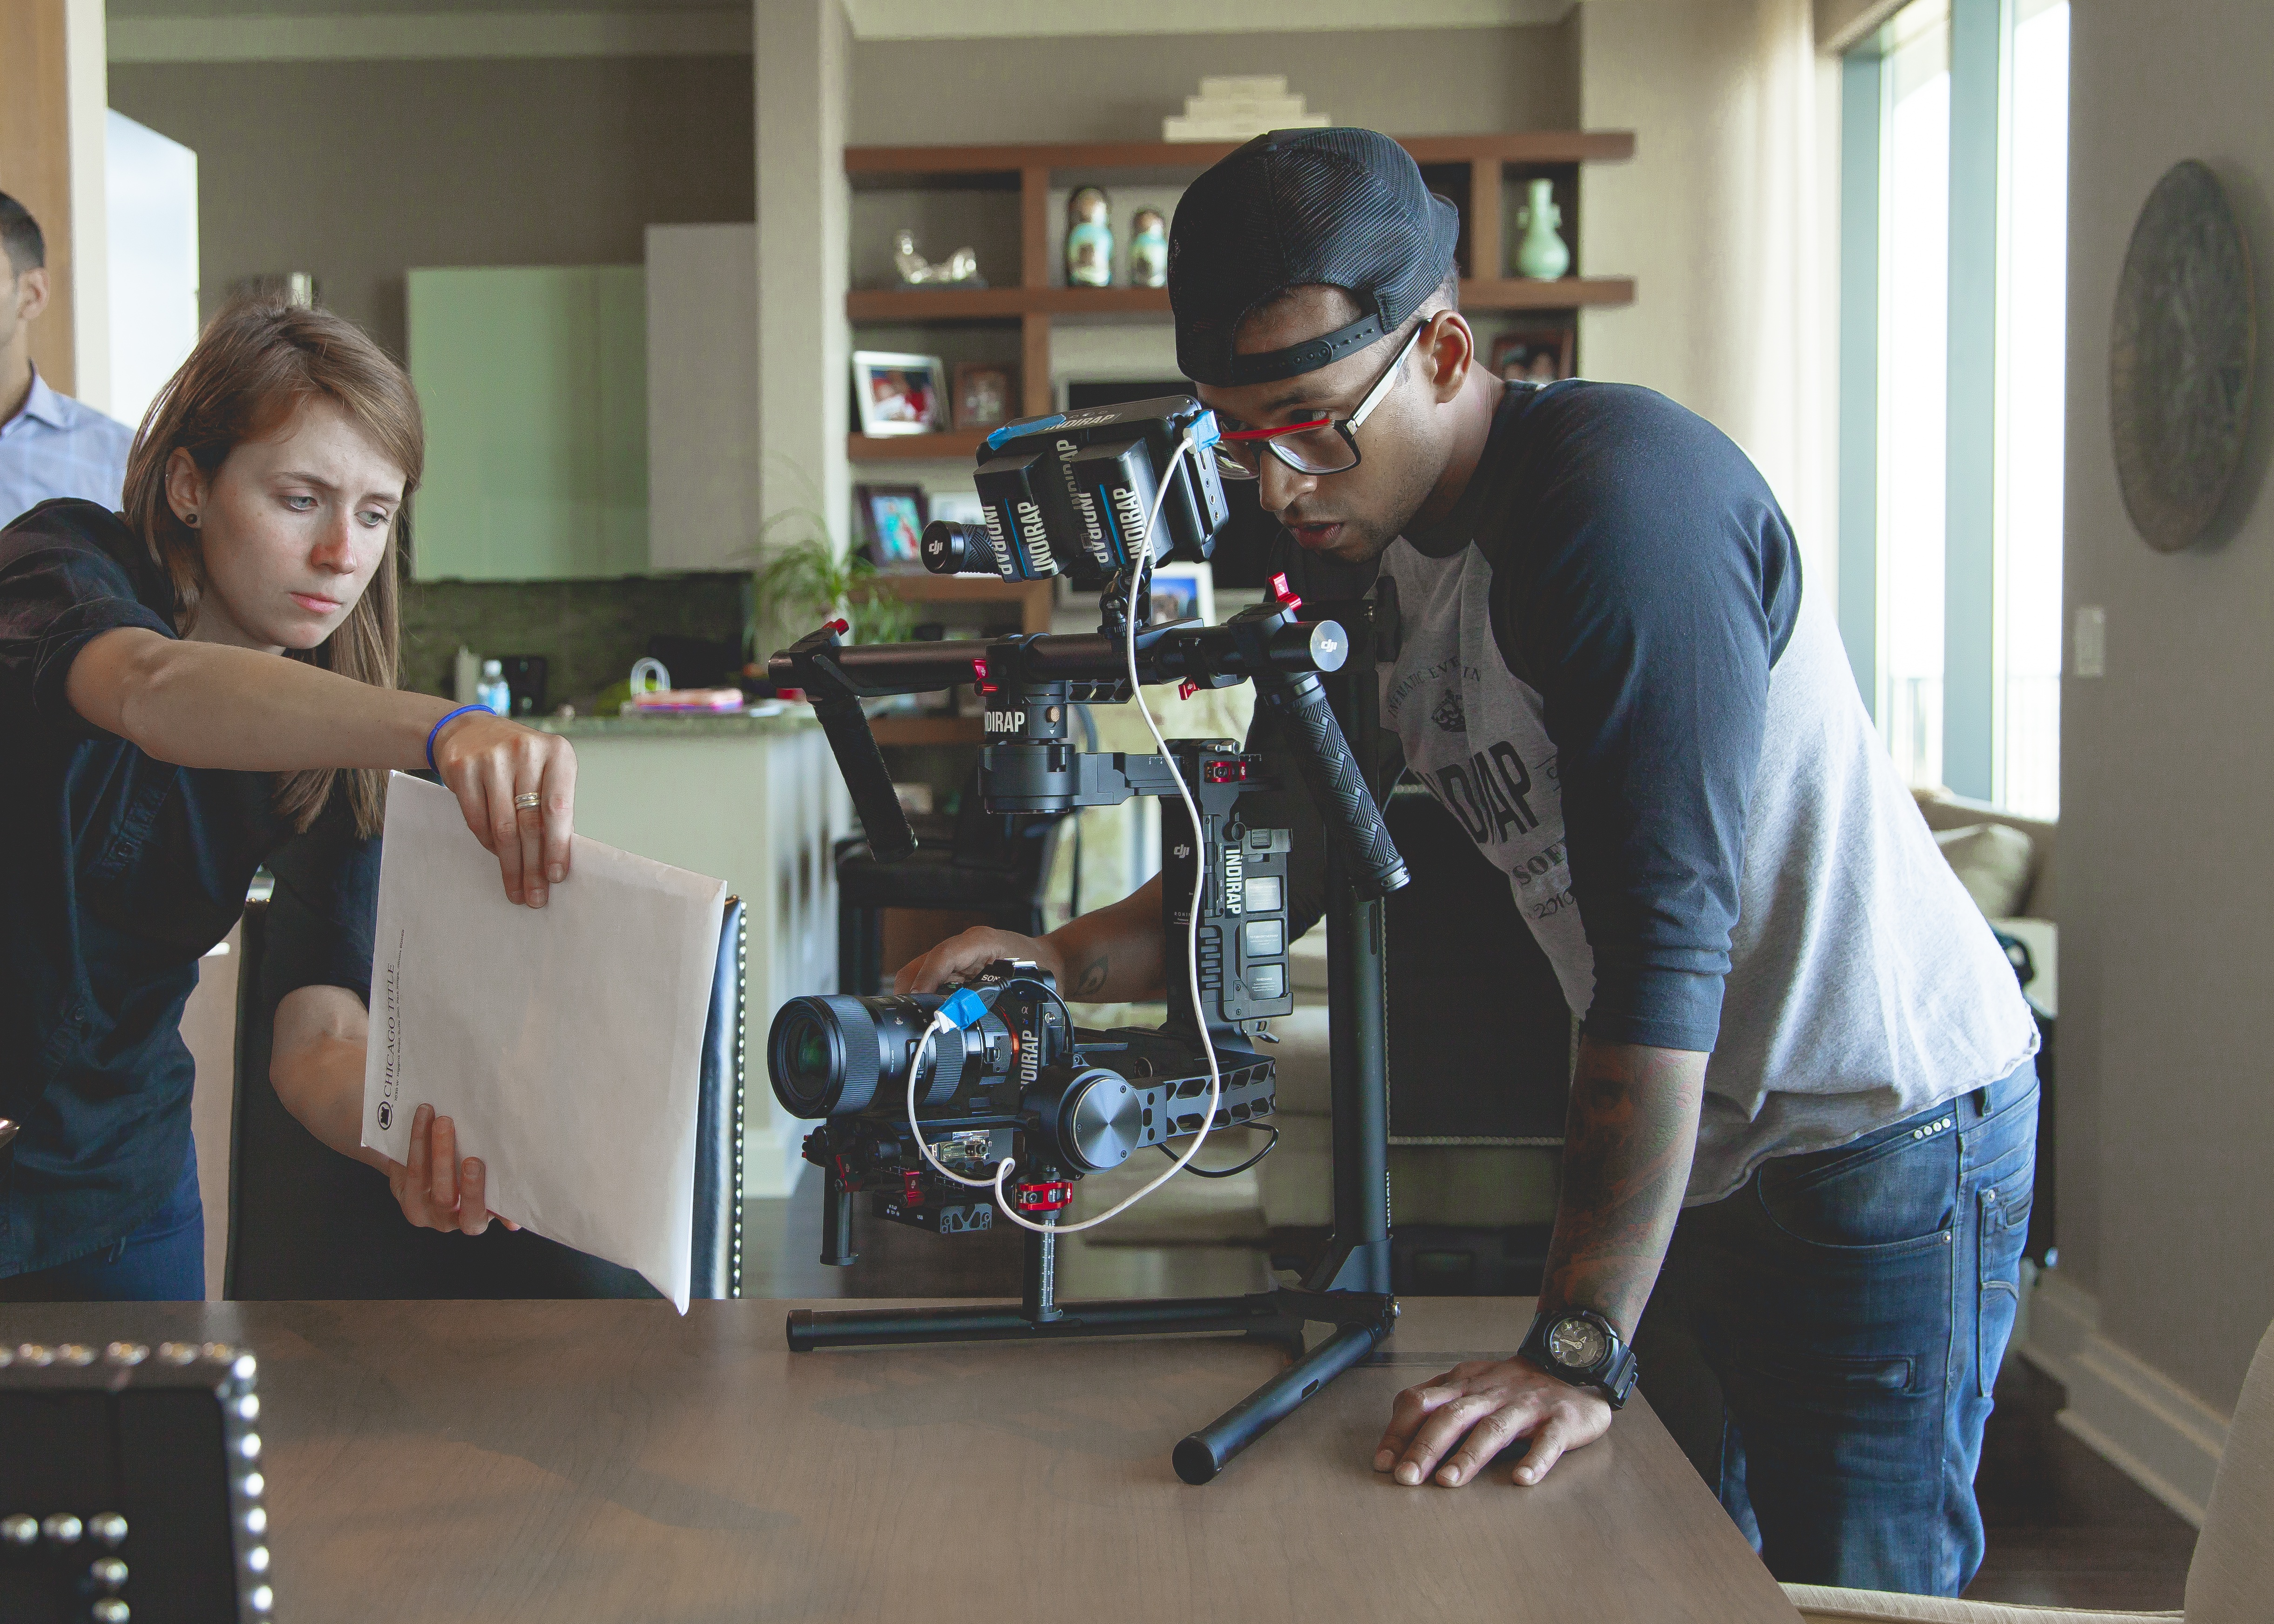 como trabajar en cine y efectos visuales